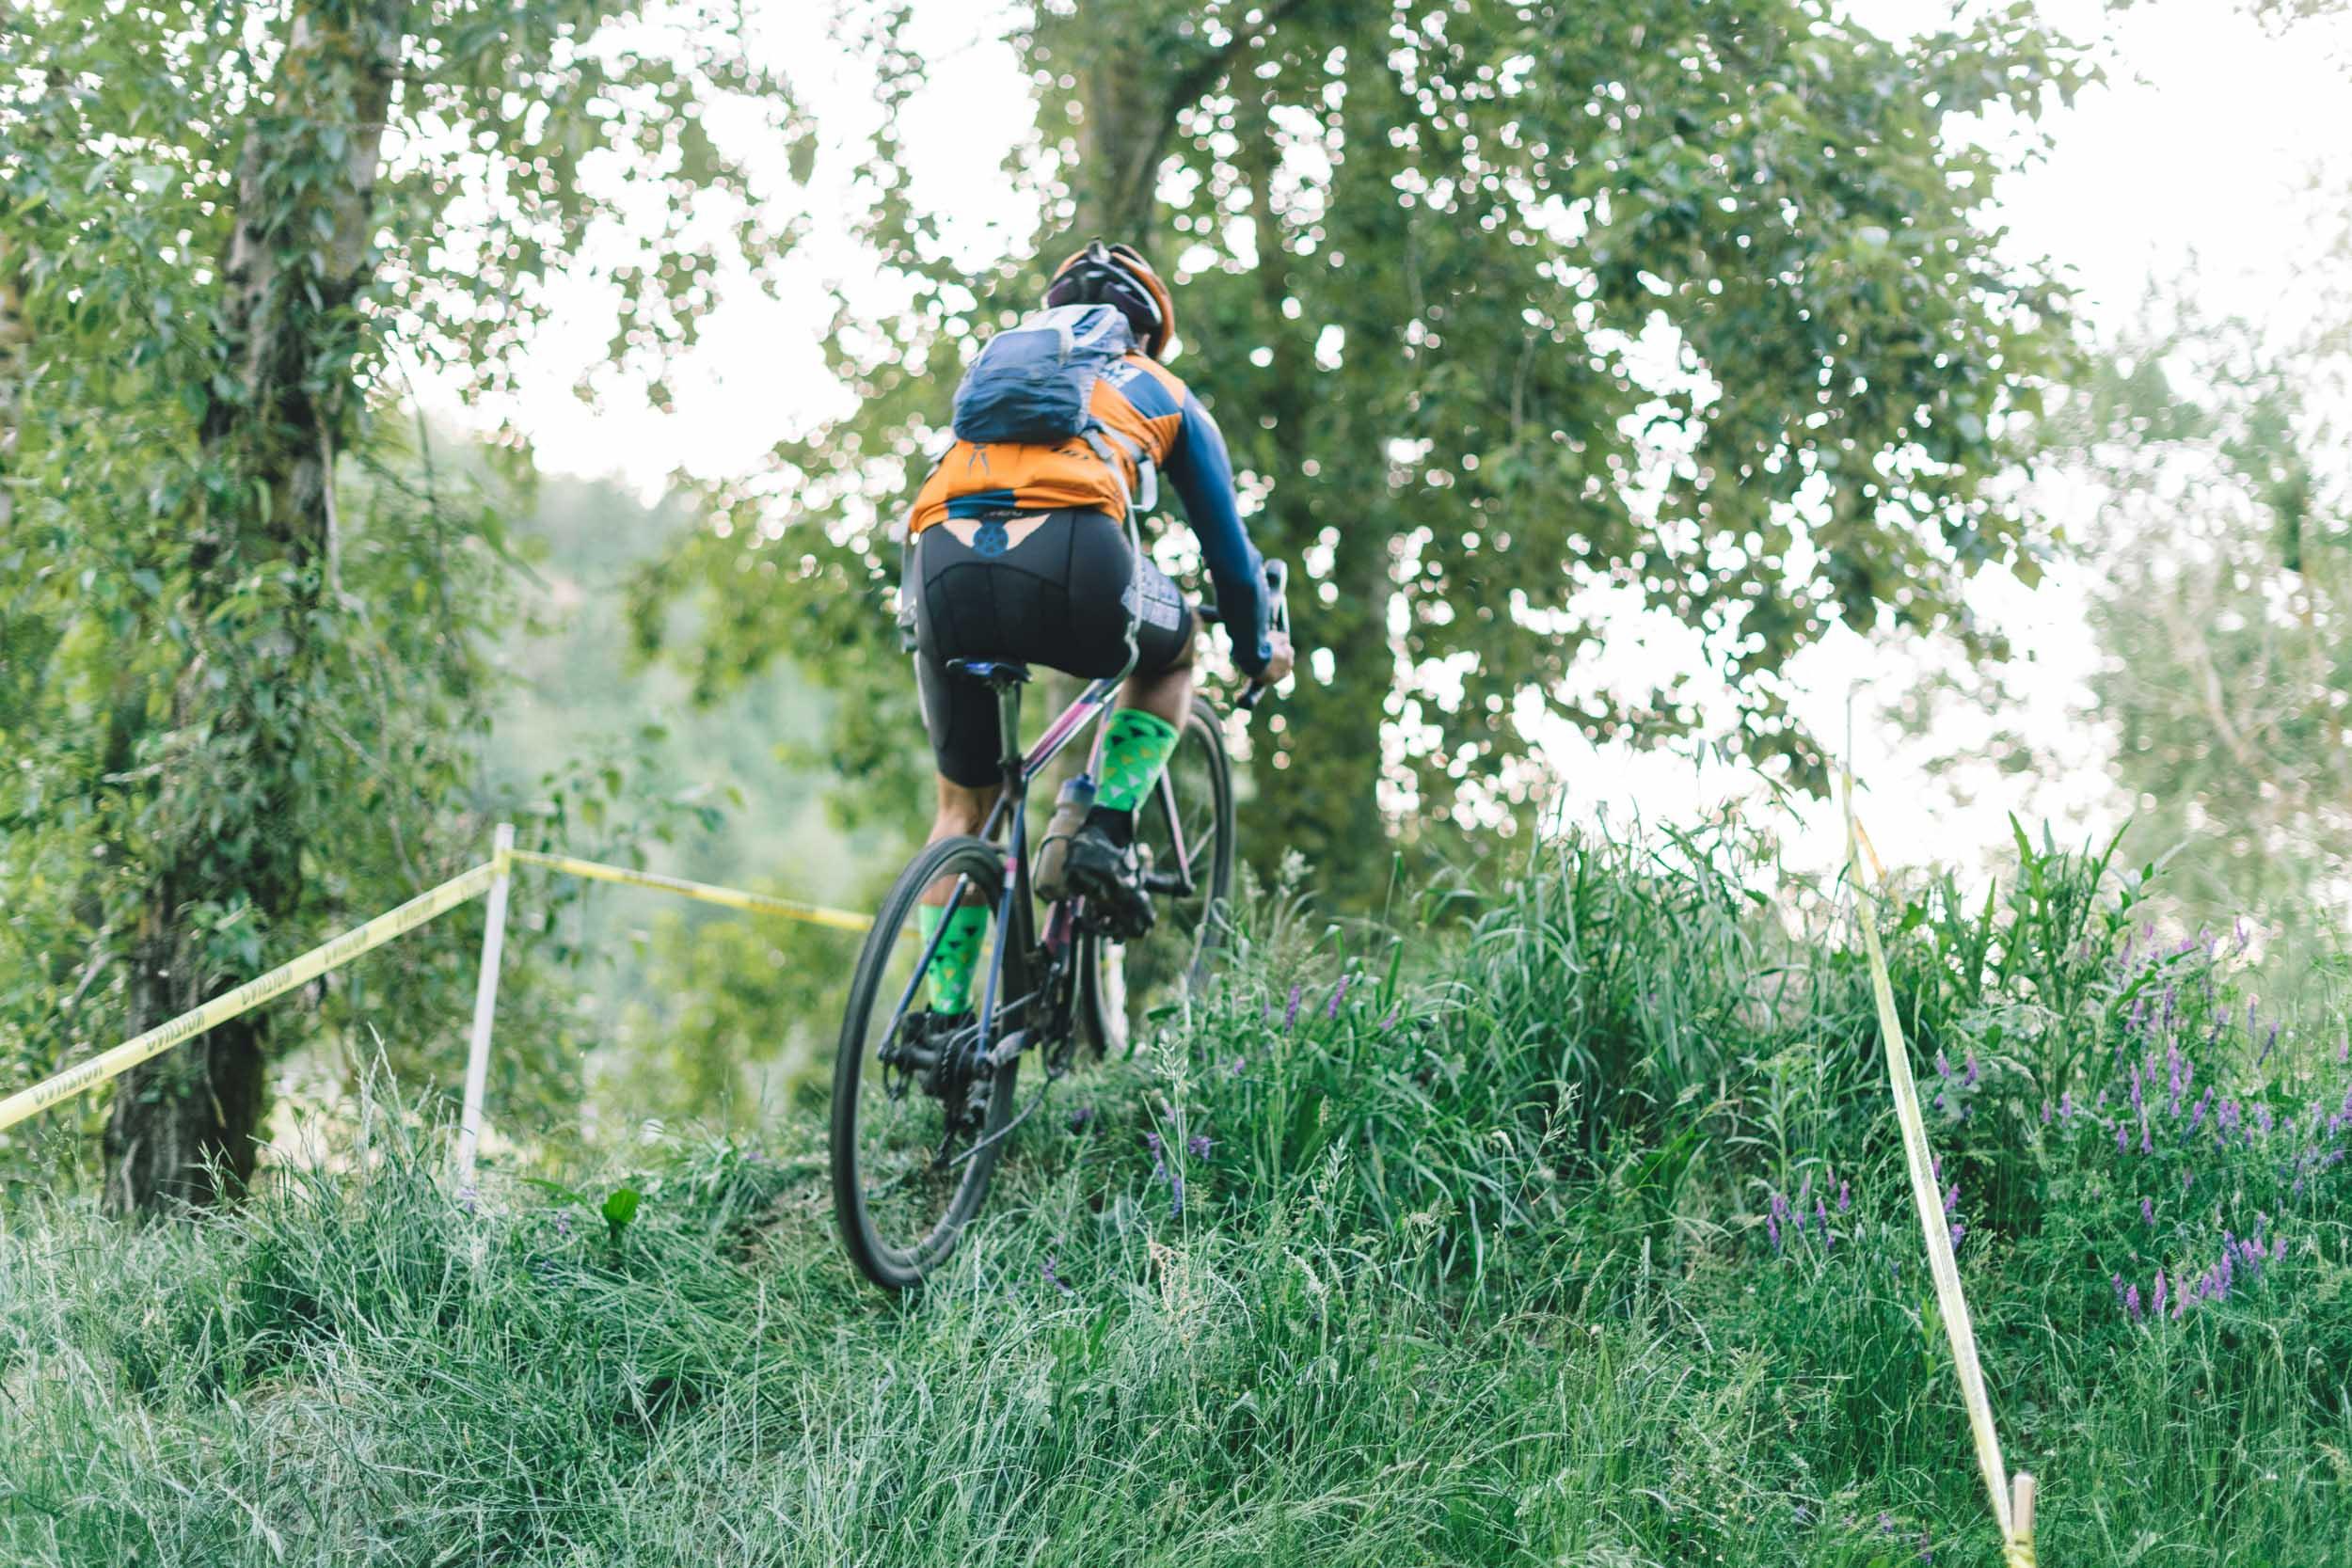 COBRA_Racing_Gateway_Miguel_Race_23.jpg